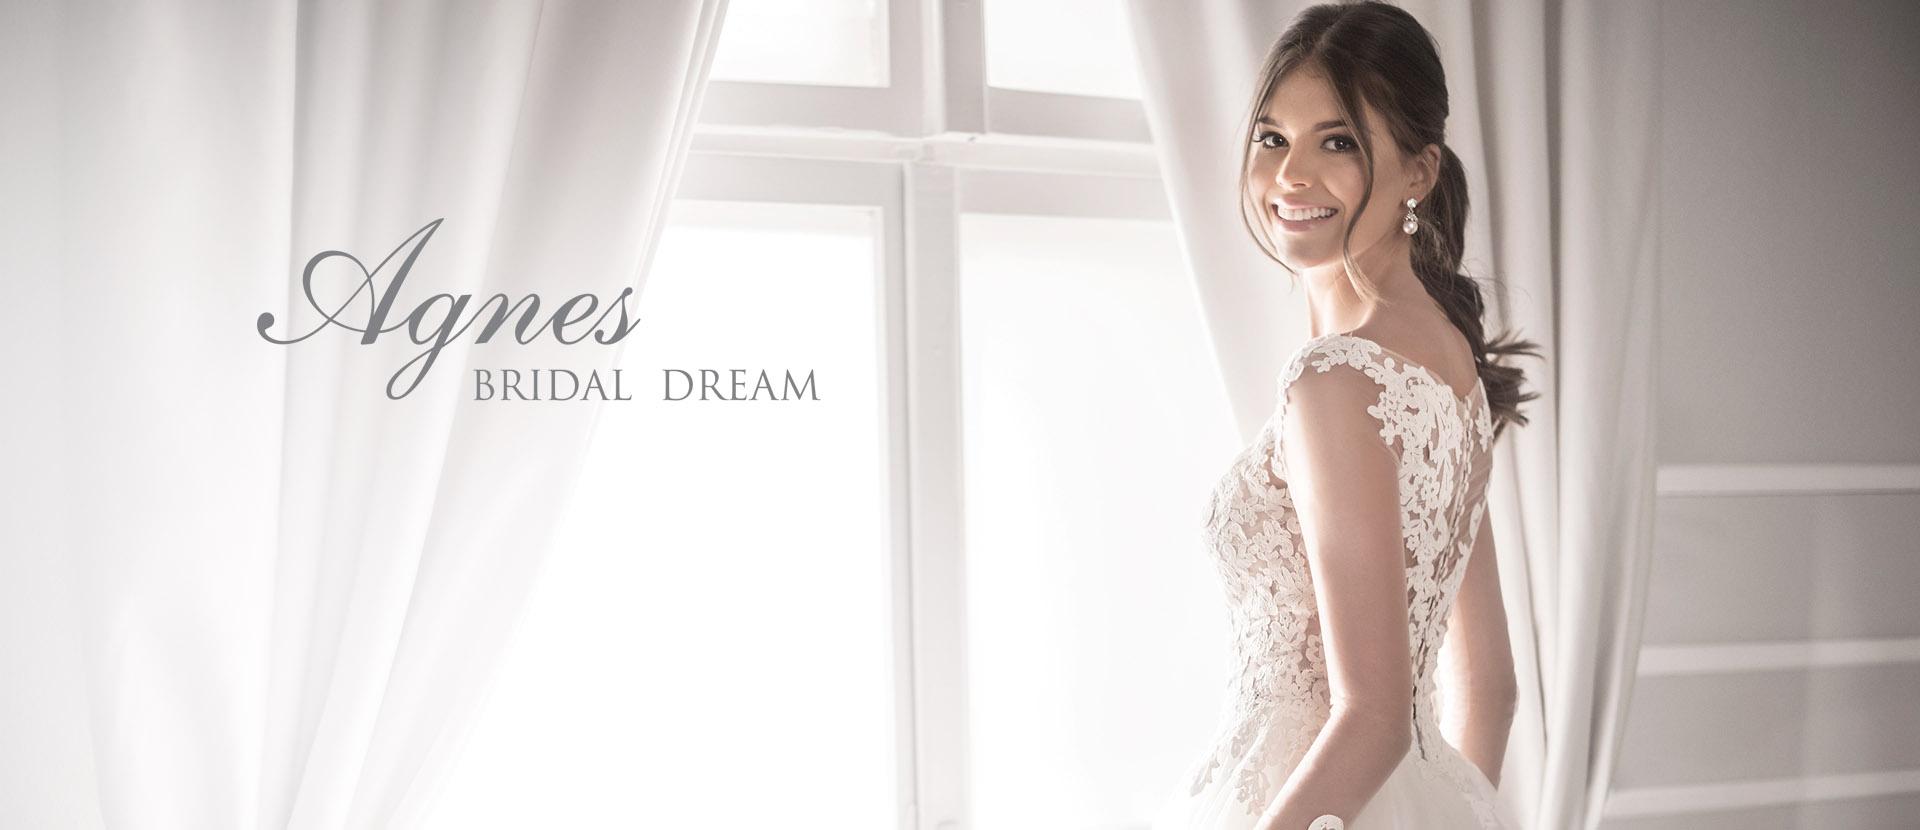 Nowa Kolekcja Agnes Bridal Dream 2019 - Sprawdź